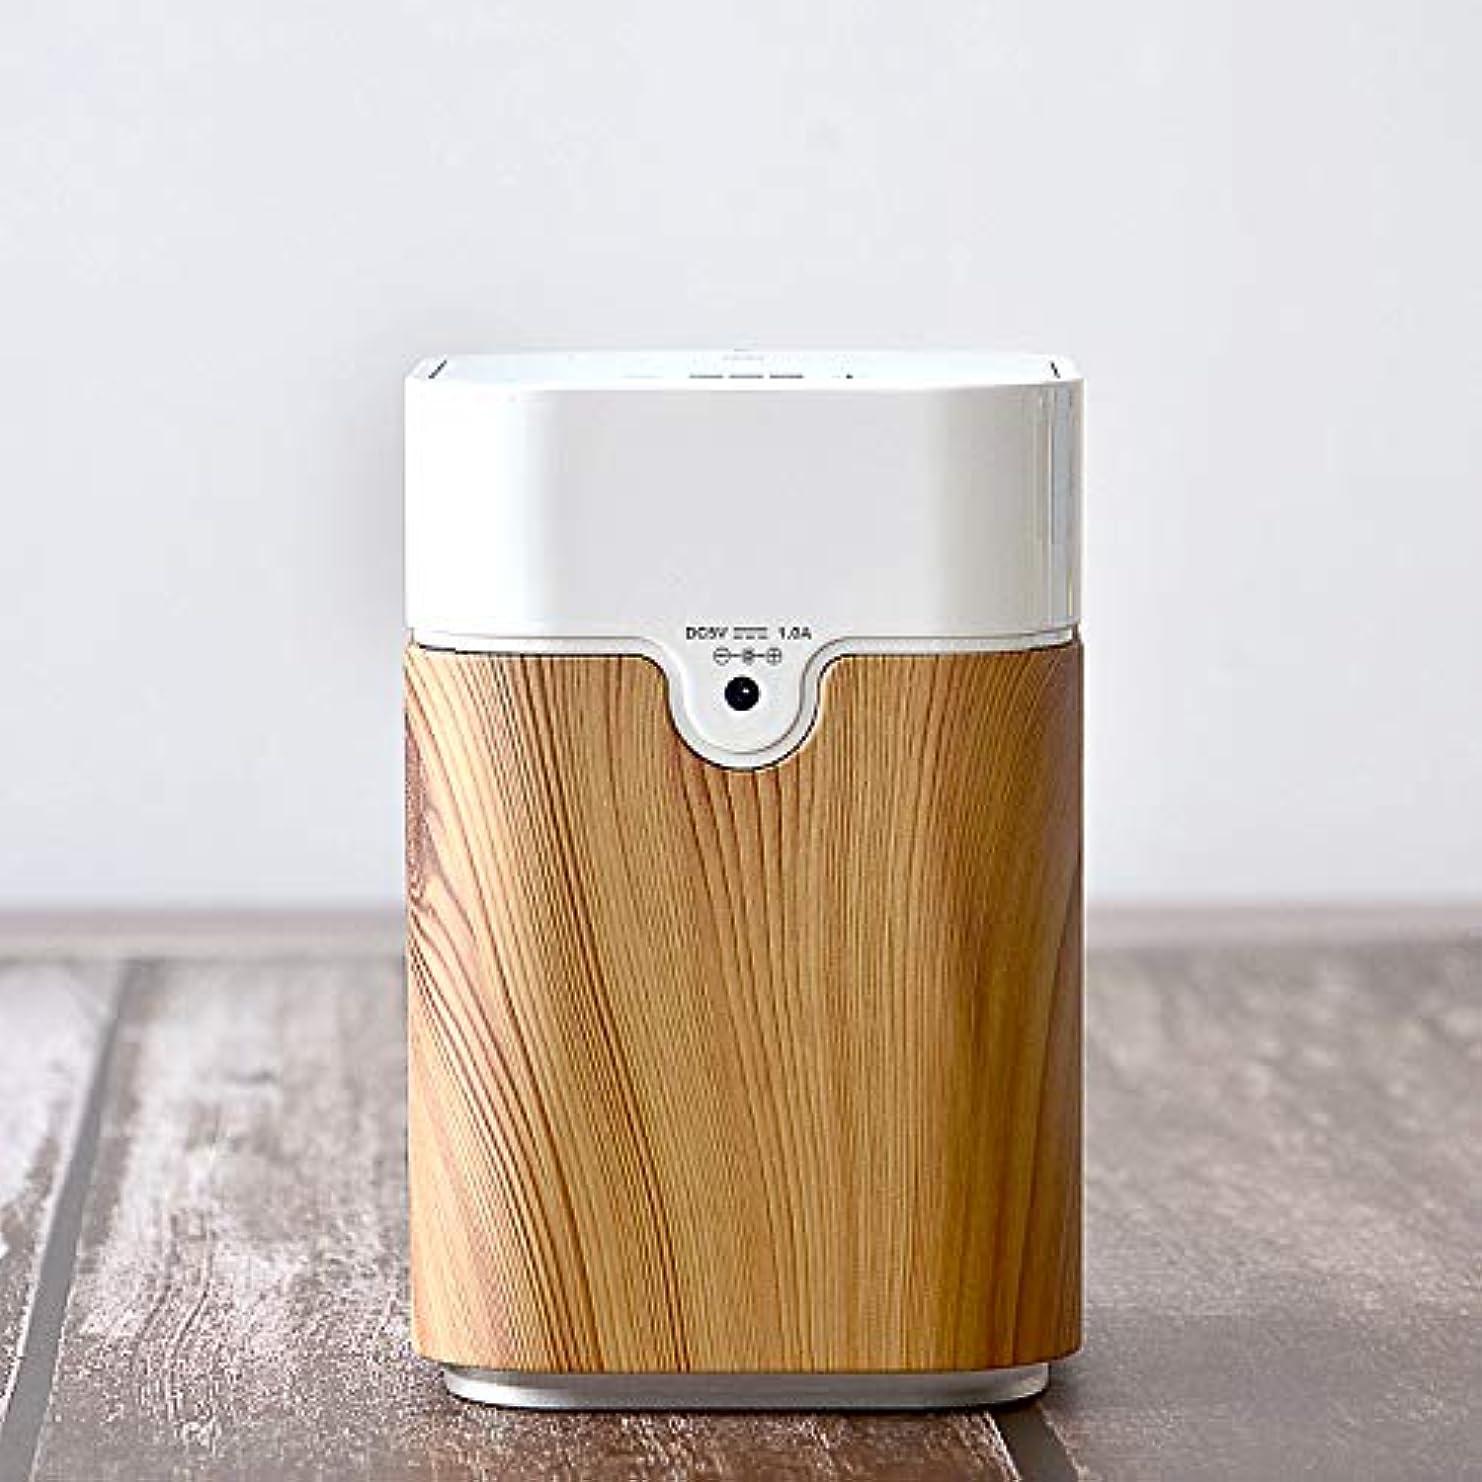 挽くパキスタン中毒エッセンシャルオイル拡散器USB充電機アロマディフューザー ヨガ室 整体院人気 タイマー機能 ネブライザー式 量調整可能 付き